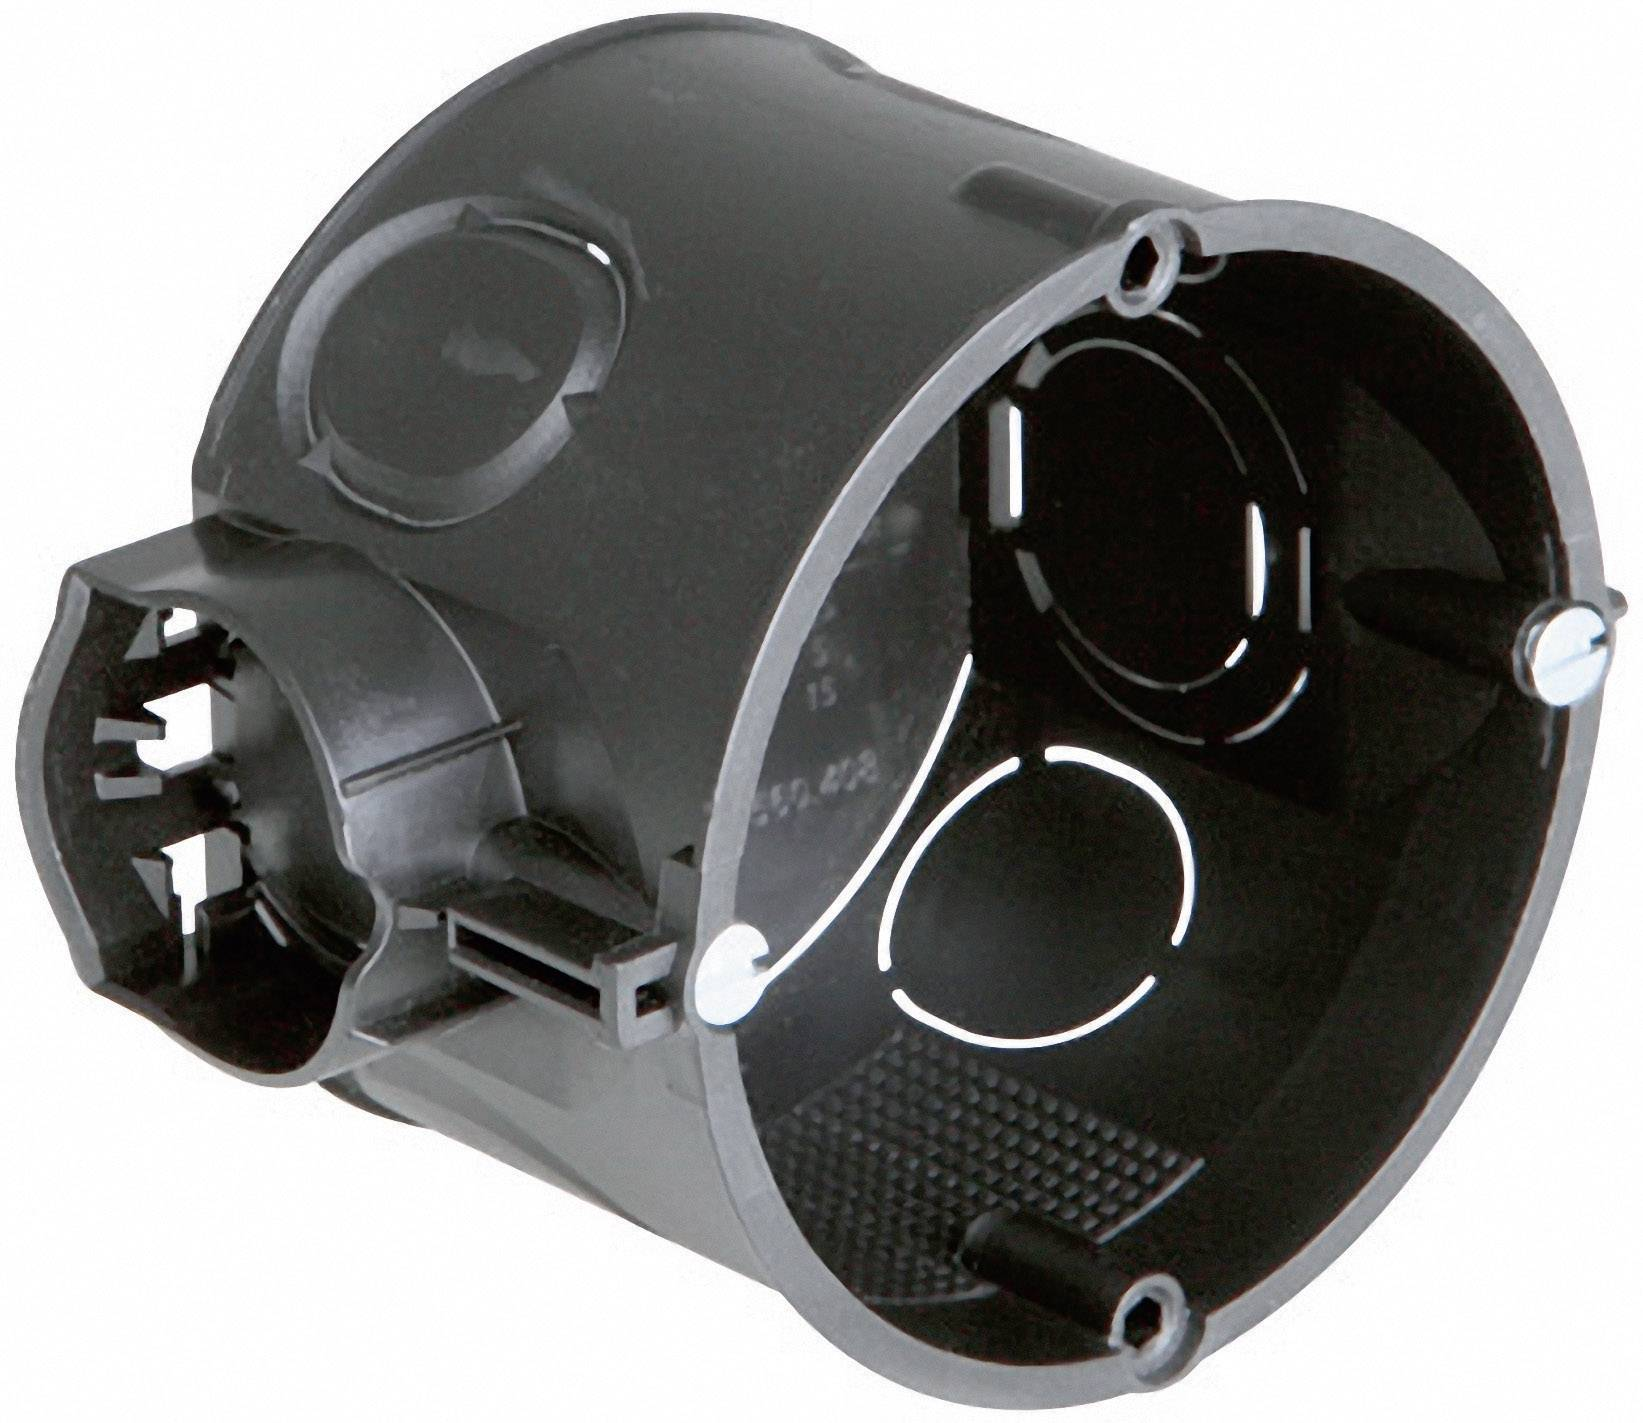 Inštalačná krabica Kaiser Elektro 1051-04, vrátane skrutiek, 60 x 46 mm, čierna